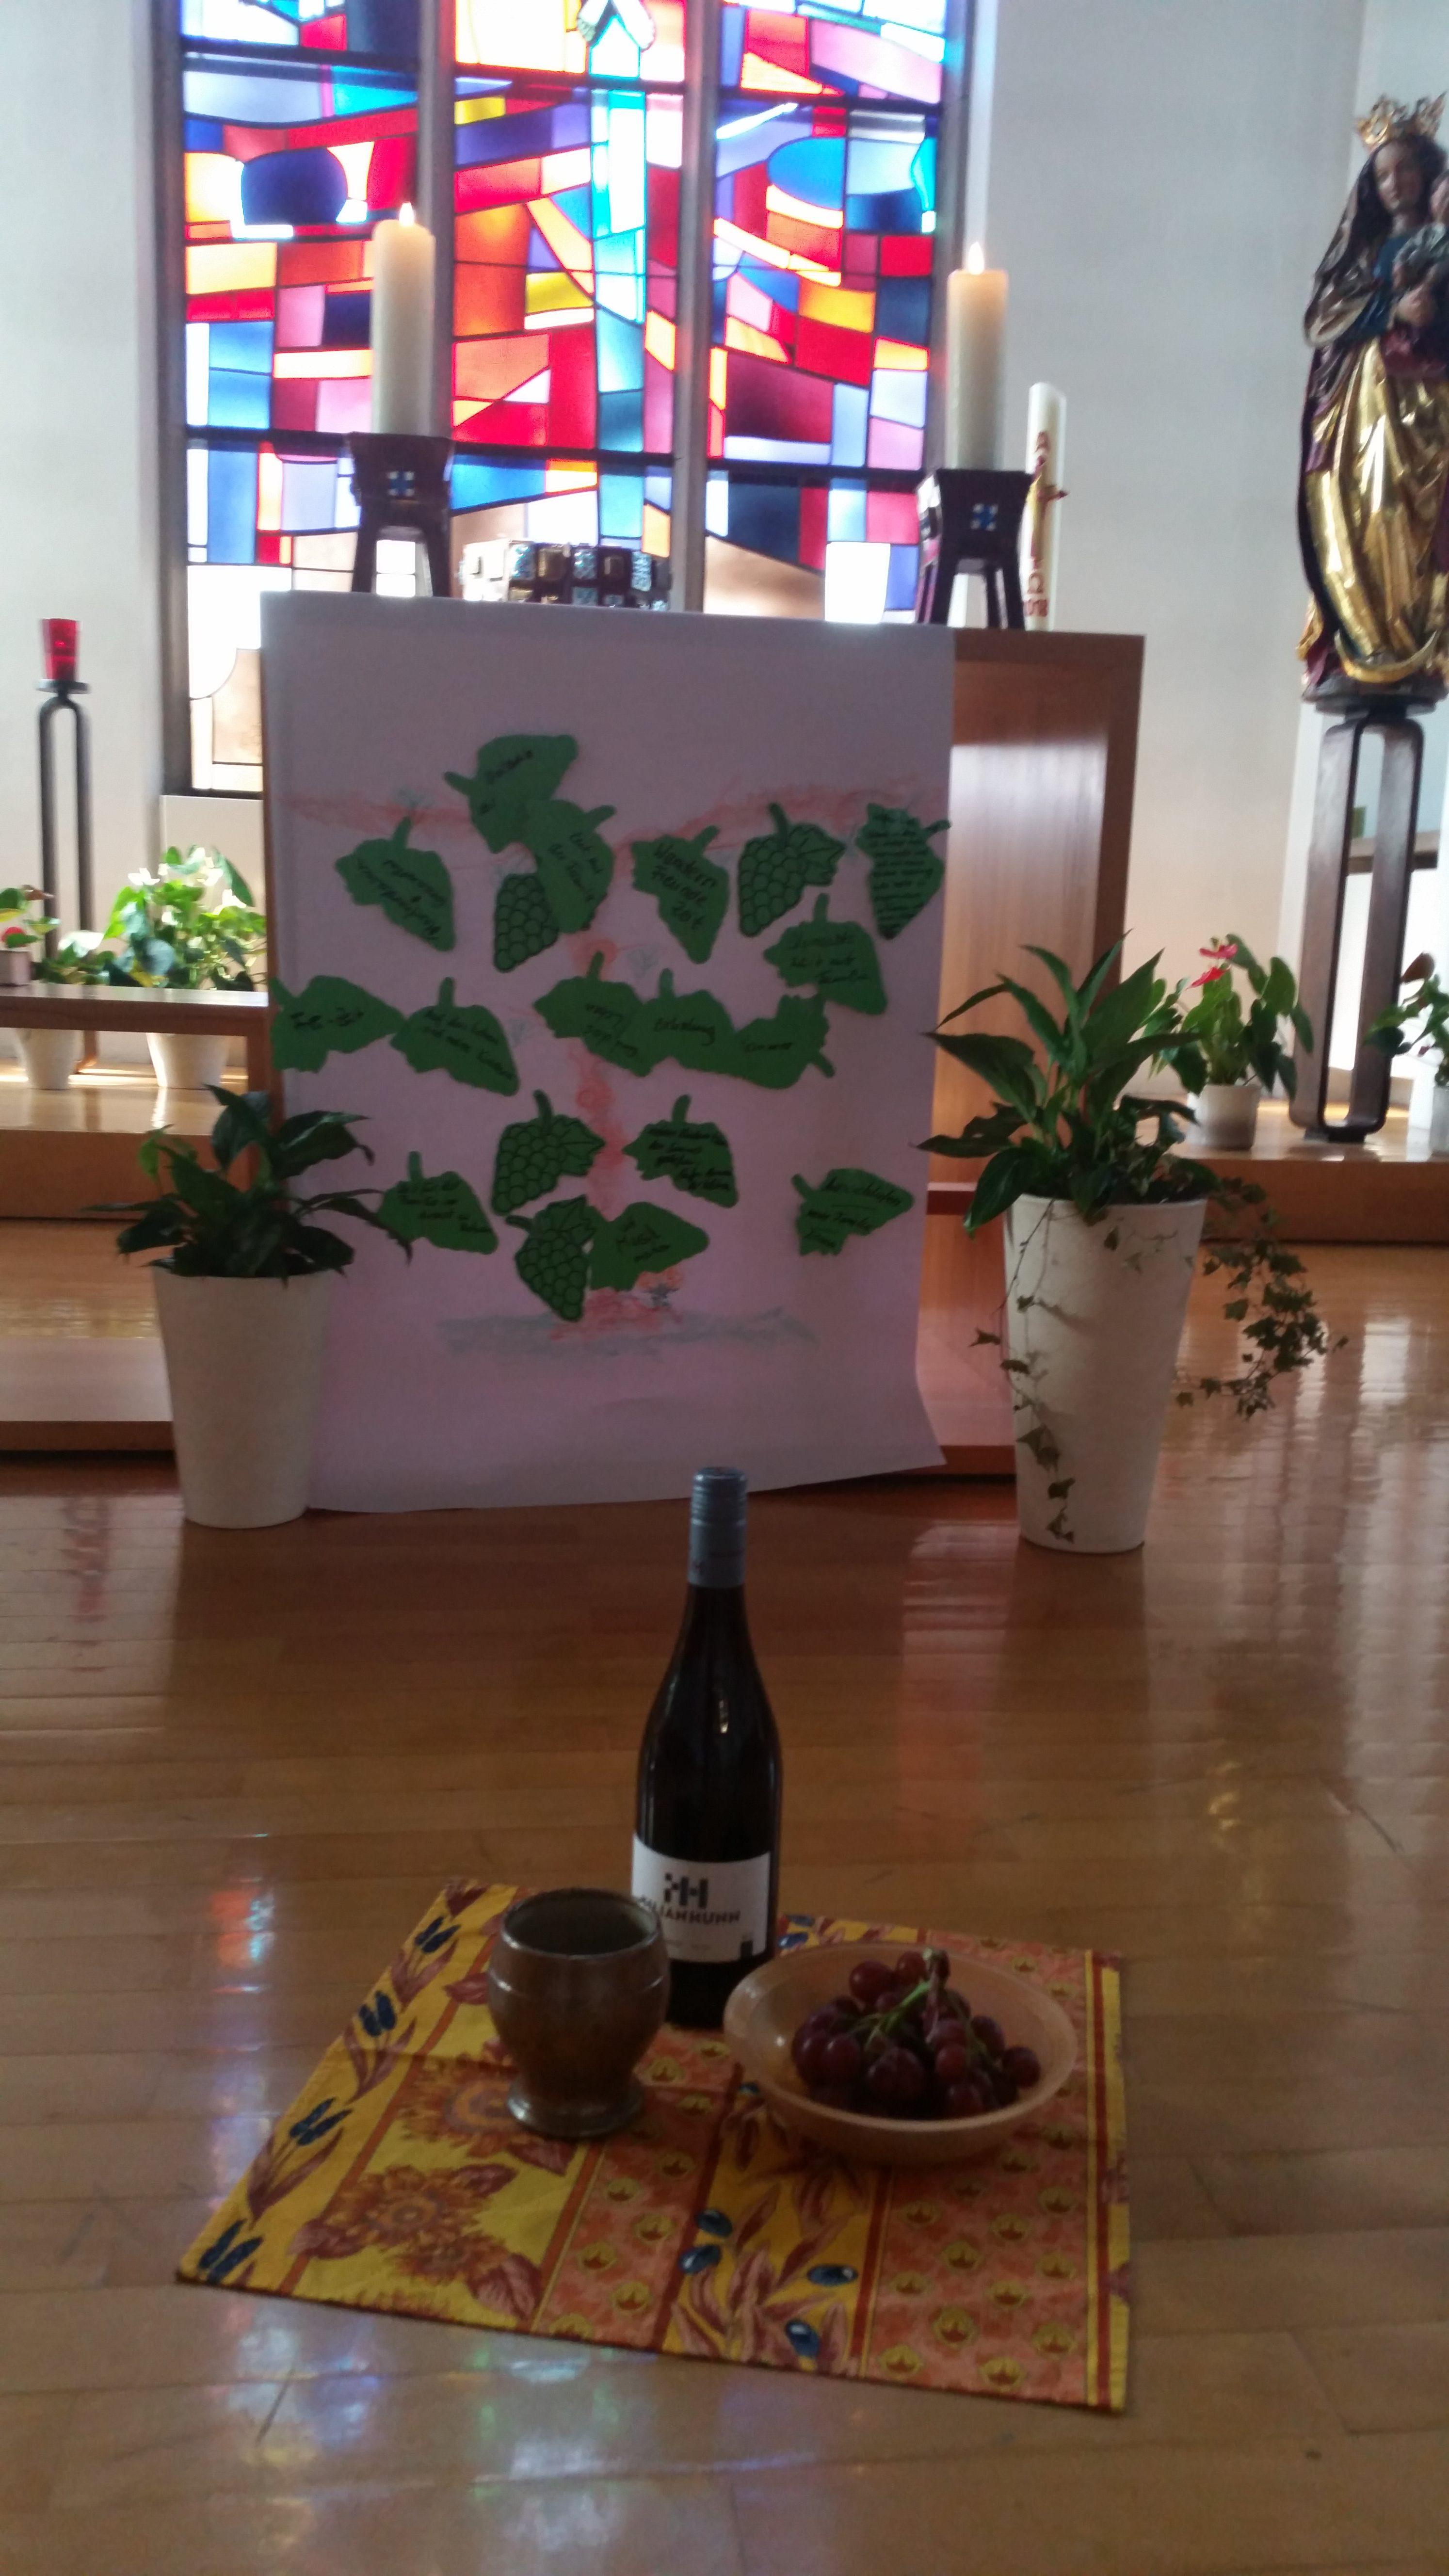 Trauben, Wein, Becher